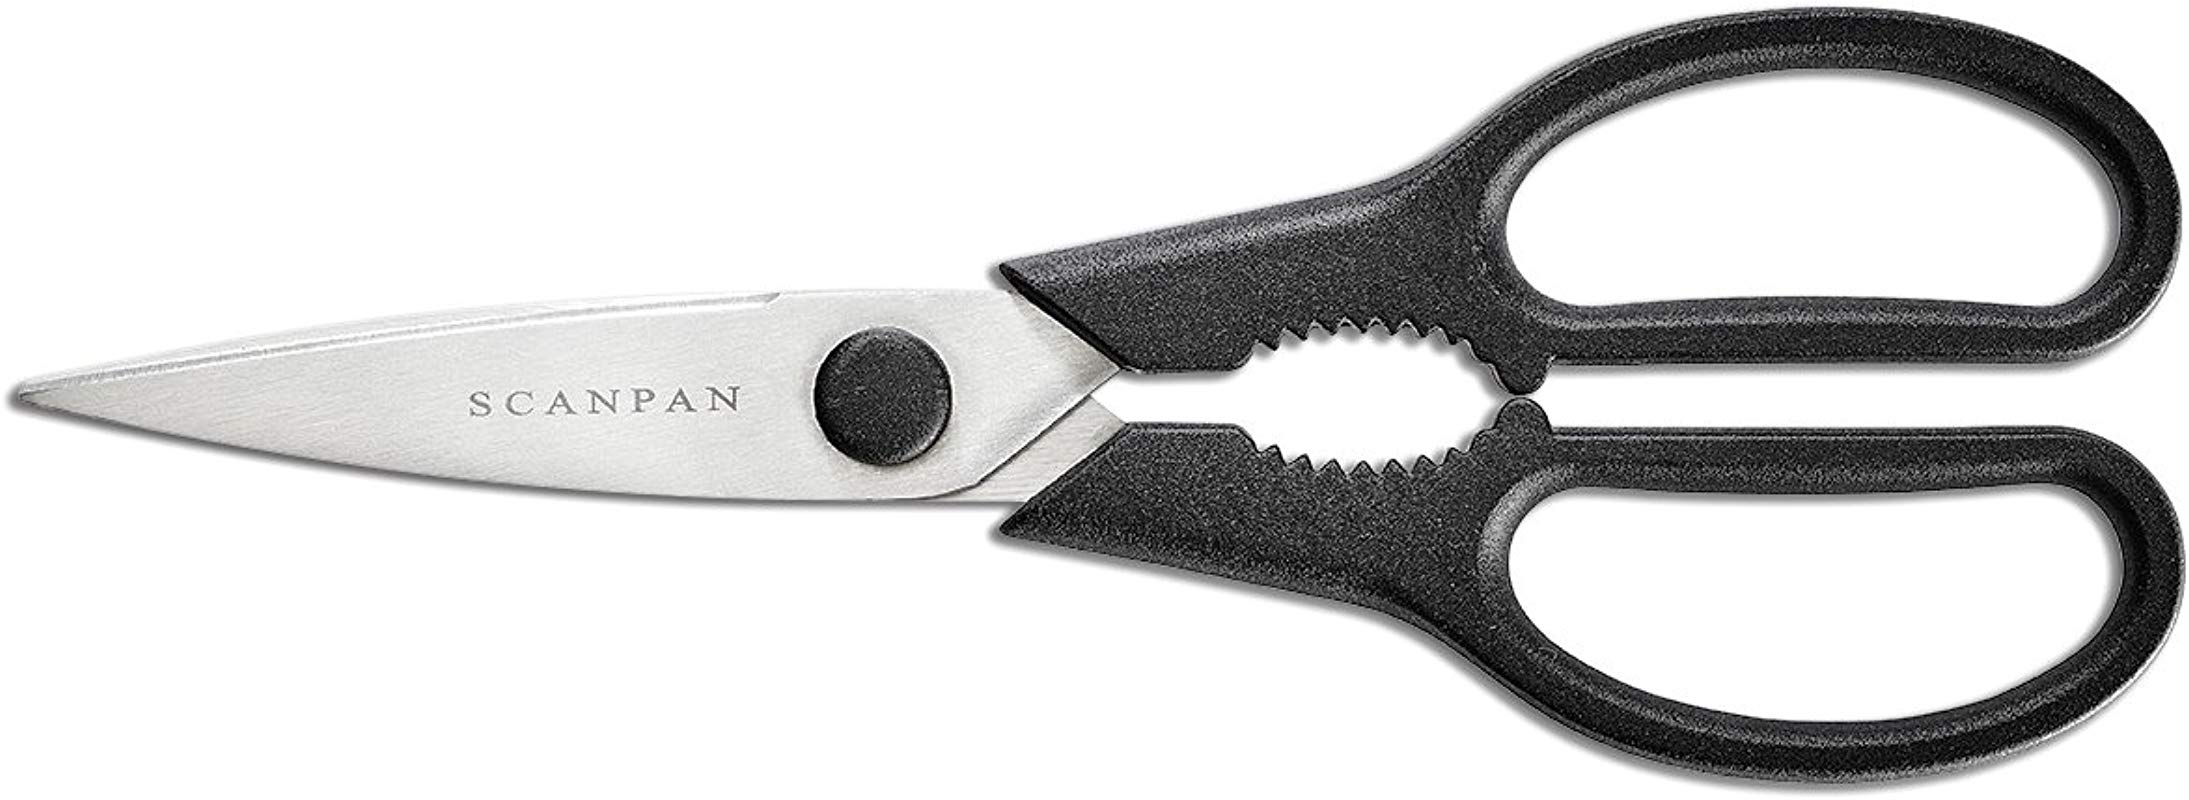 Scanpan 92710000 Classic Kitchen Shears 6 Silver